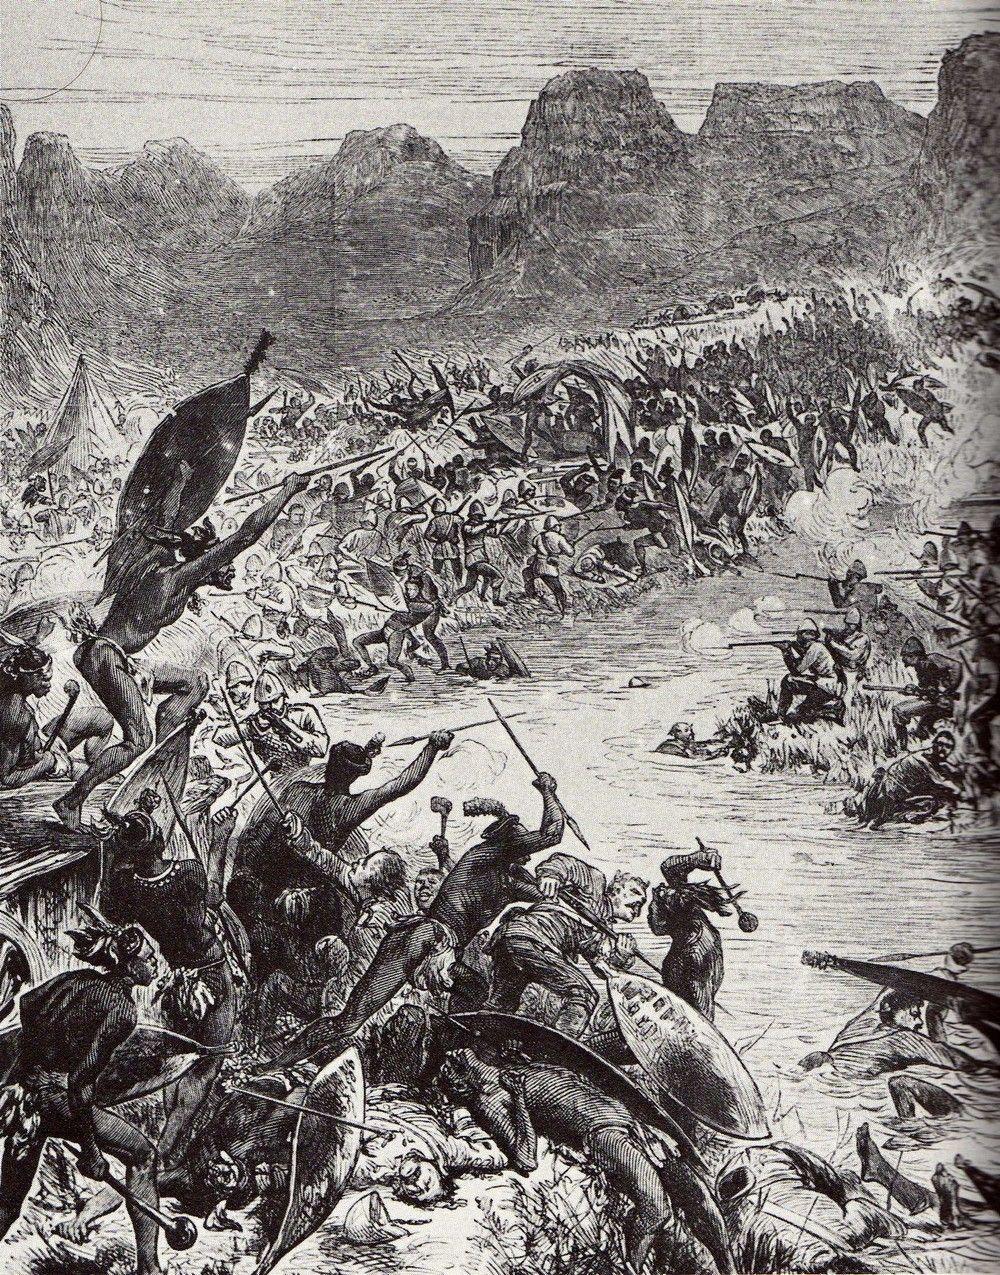 Starcie nad rzeką Intombe na grafice z epoki.